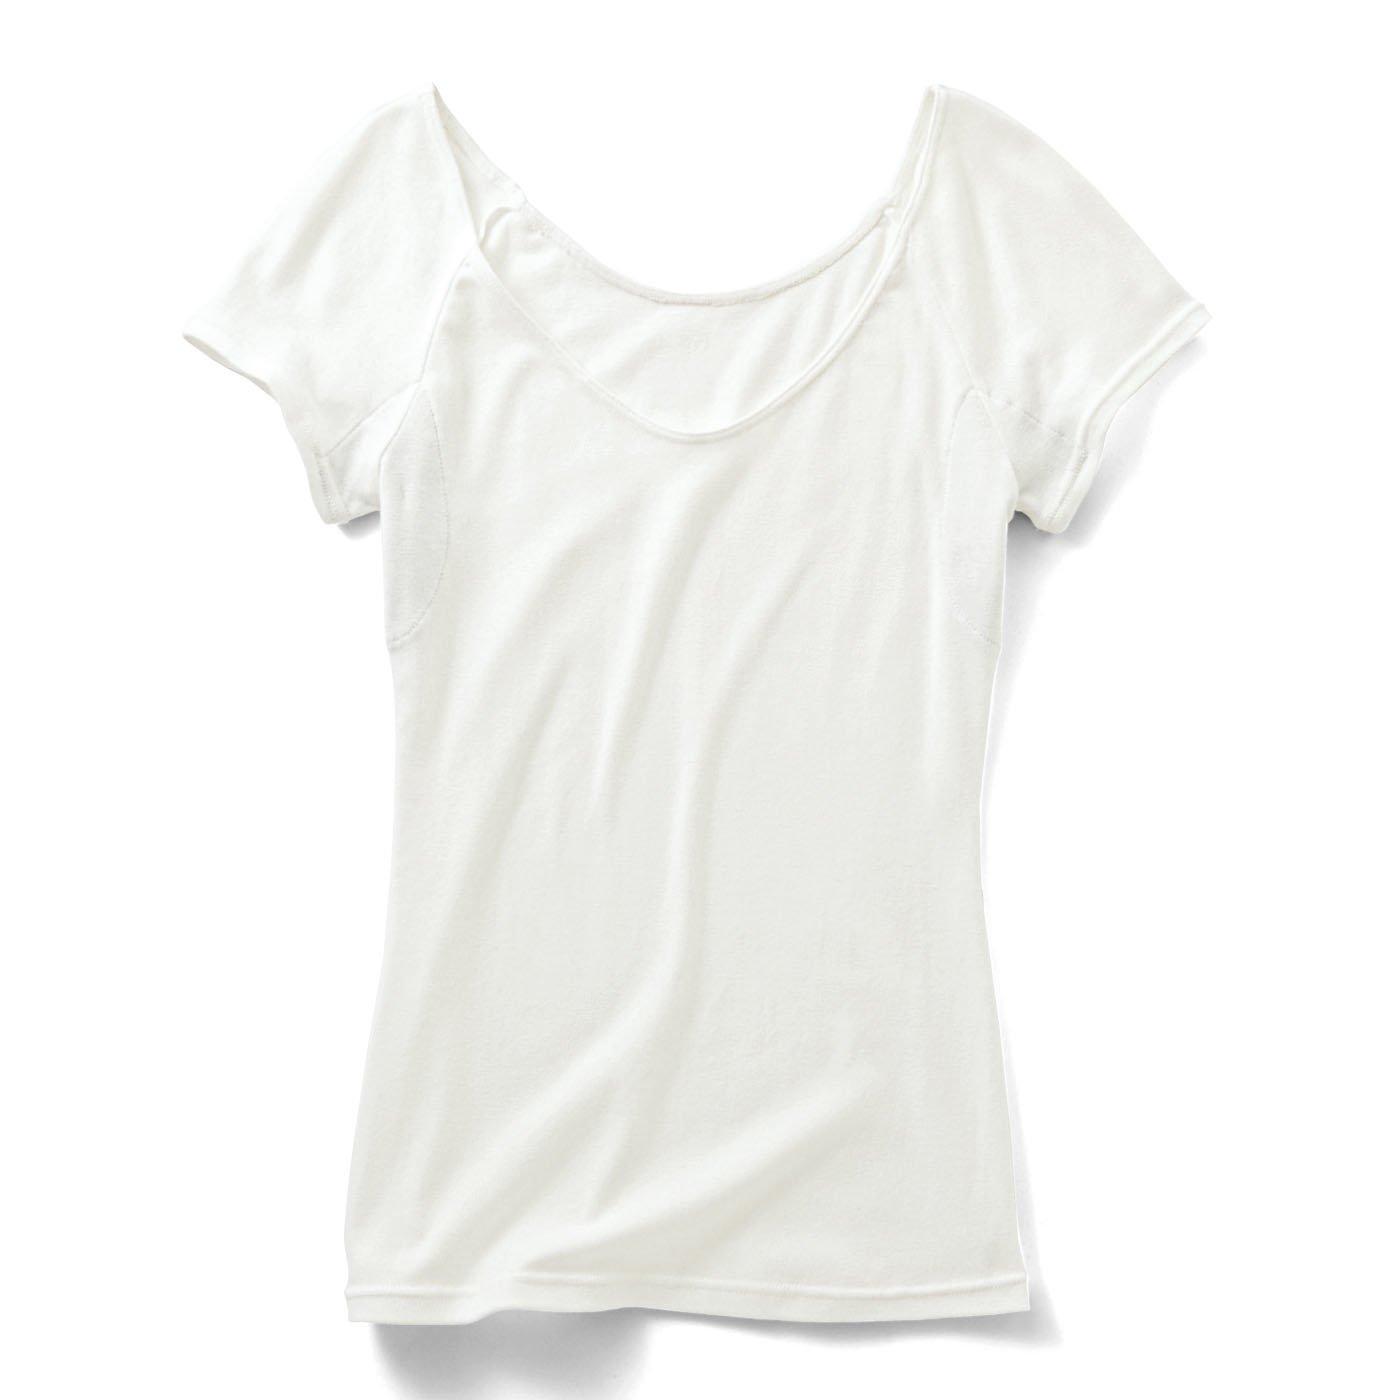 綿100%わき汗パッド付き 衿ぐり広めインナー〈ホワイト〉